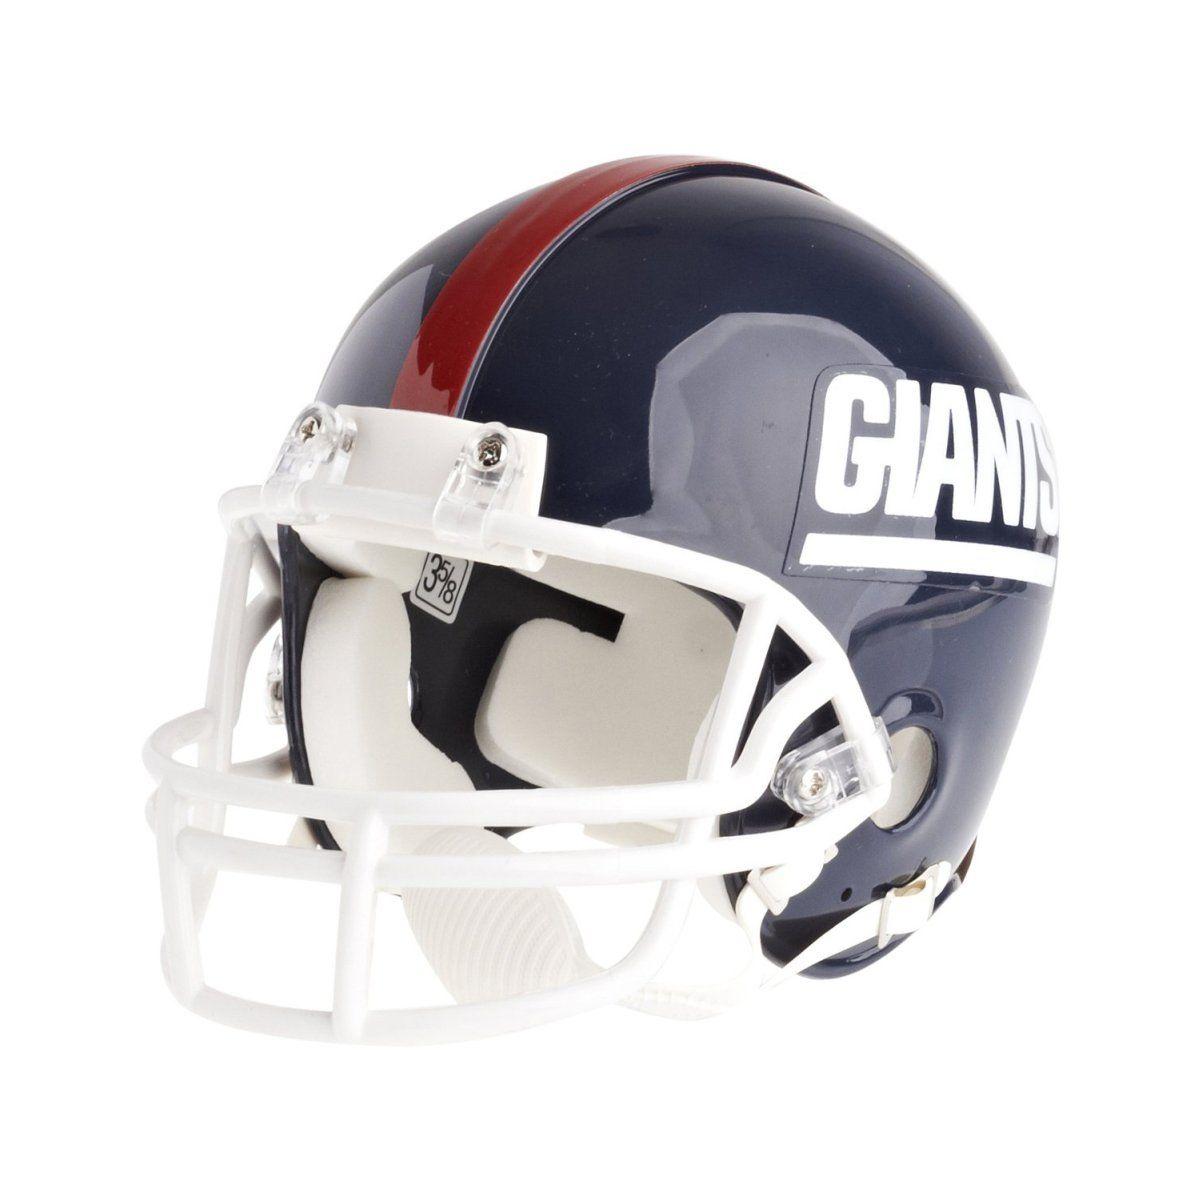 amfoo - Riddell VSR4 Mini Football Helm - NFL New York Giants 81-99